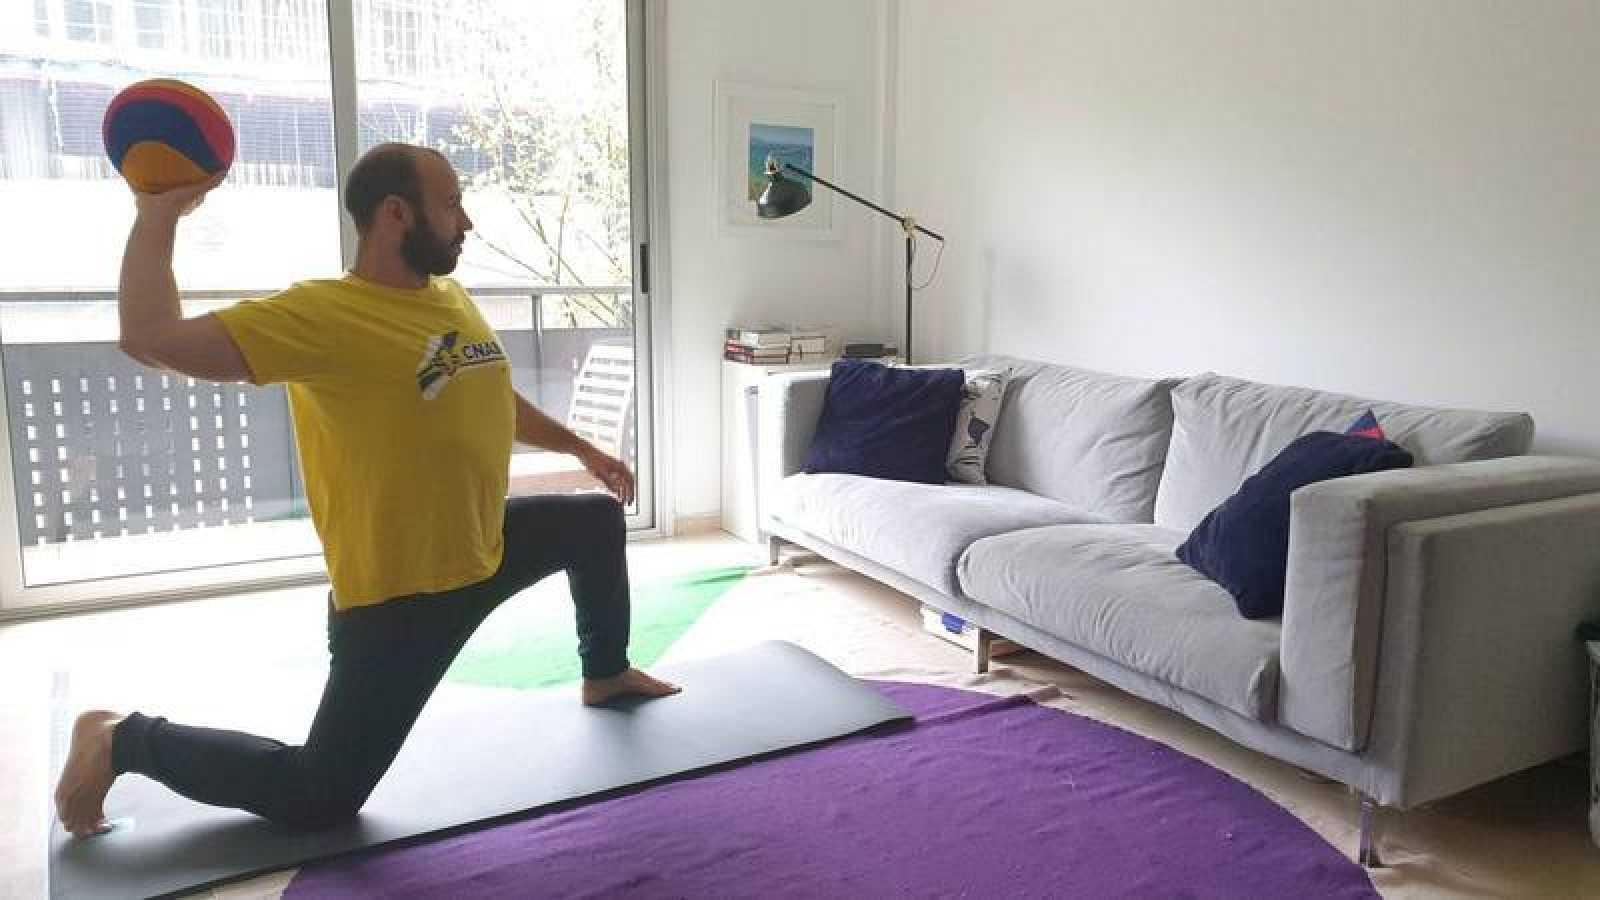 Felipe Perrone se ejercita lanzando el balón al sofá en su casa